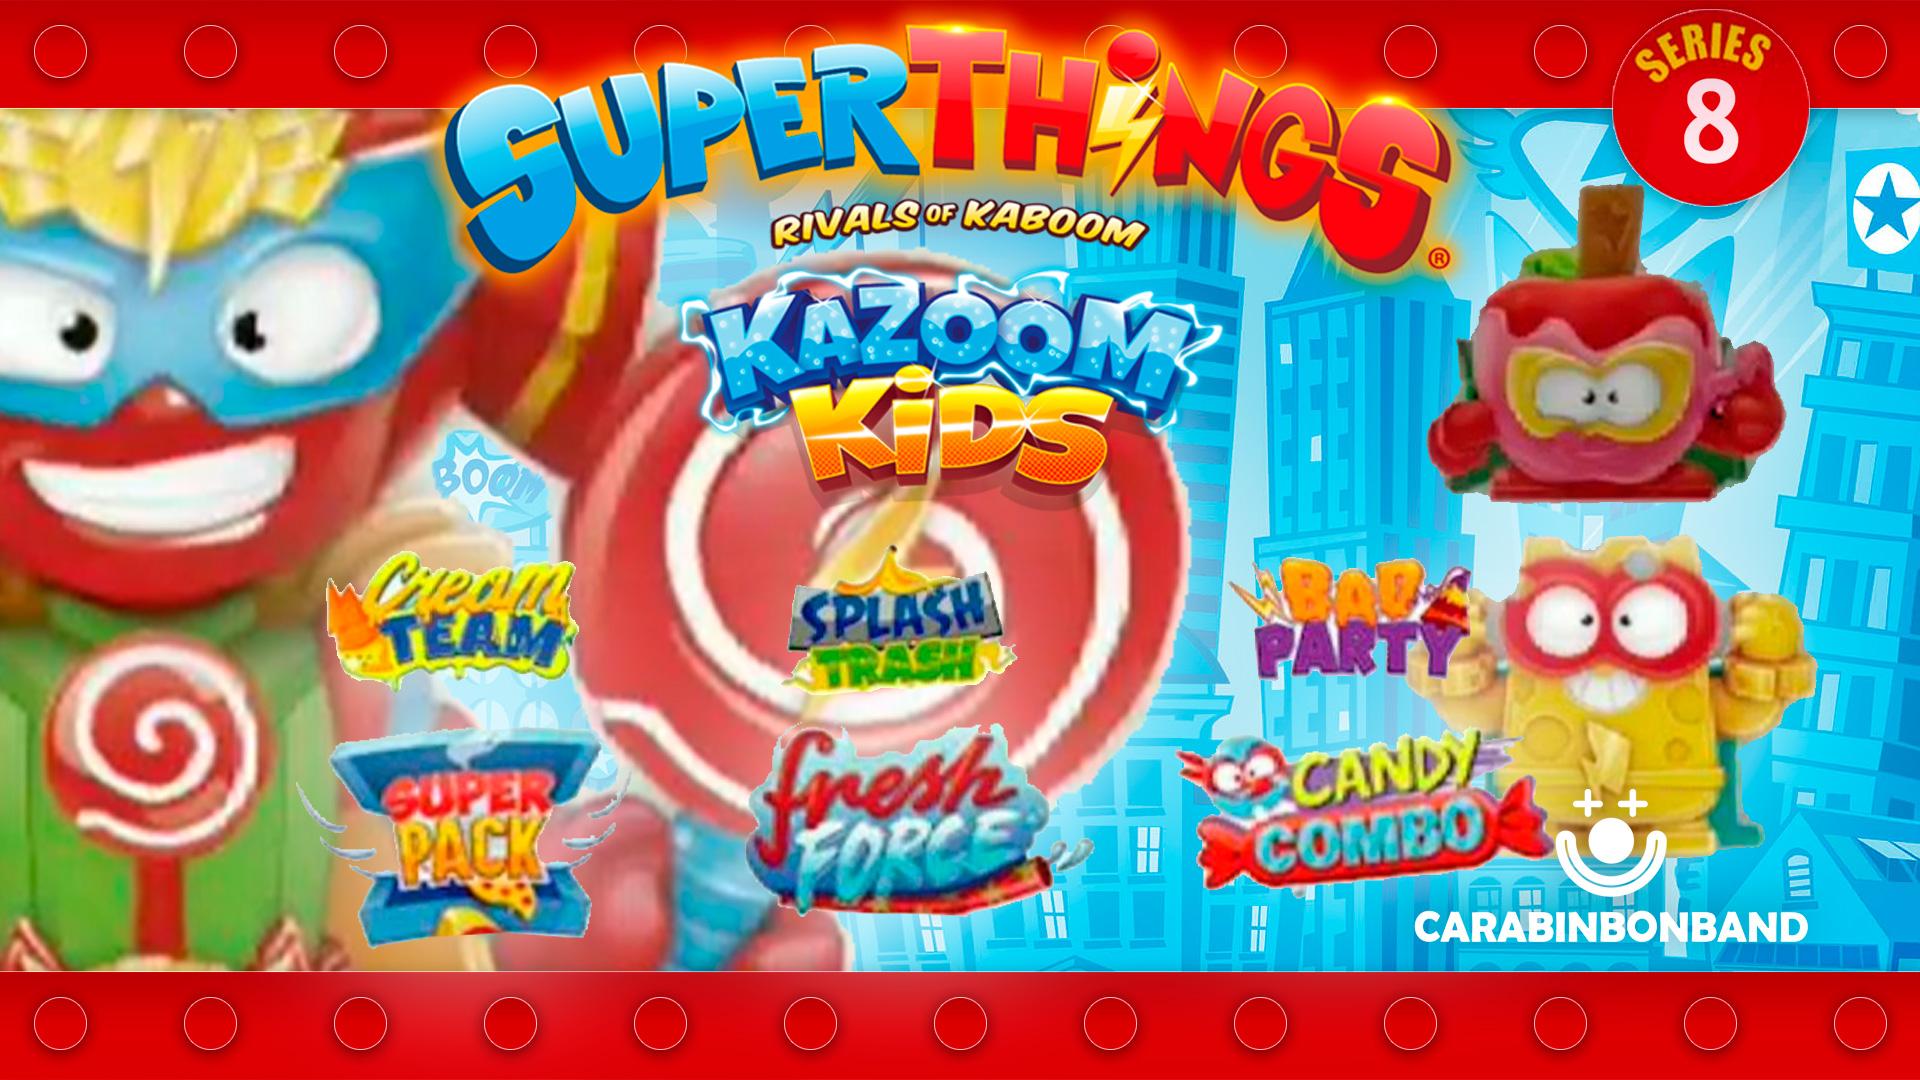 SUPERTHINGS SERIES 8 EQUIPOS - SUPERZINGS KAZOOM KIDS TEAMS